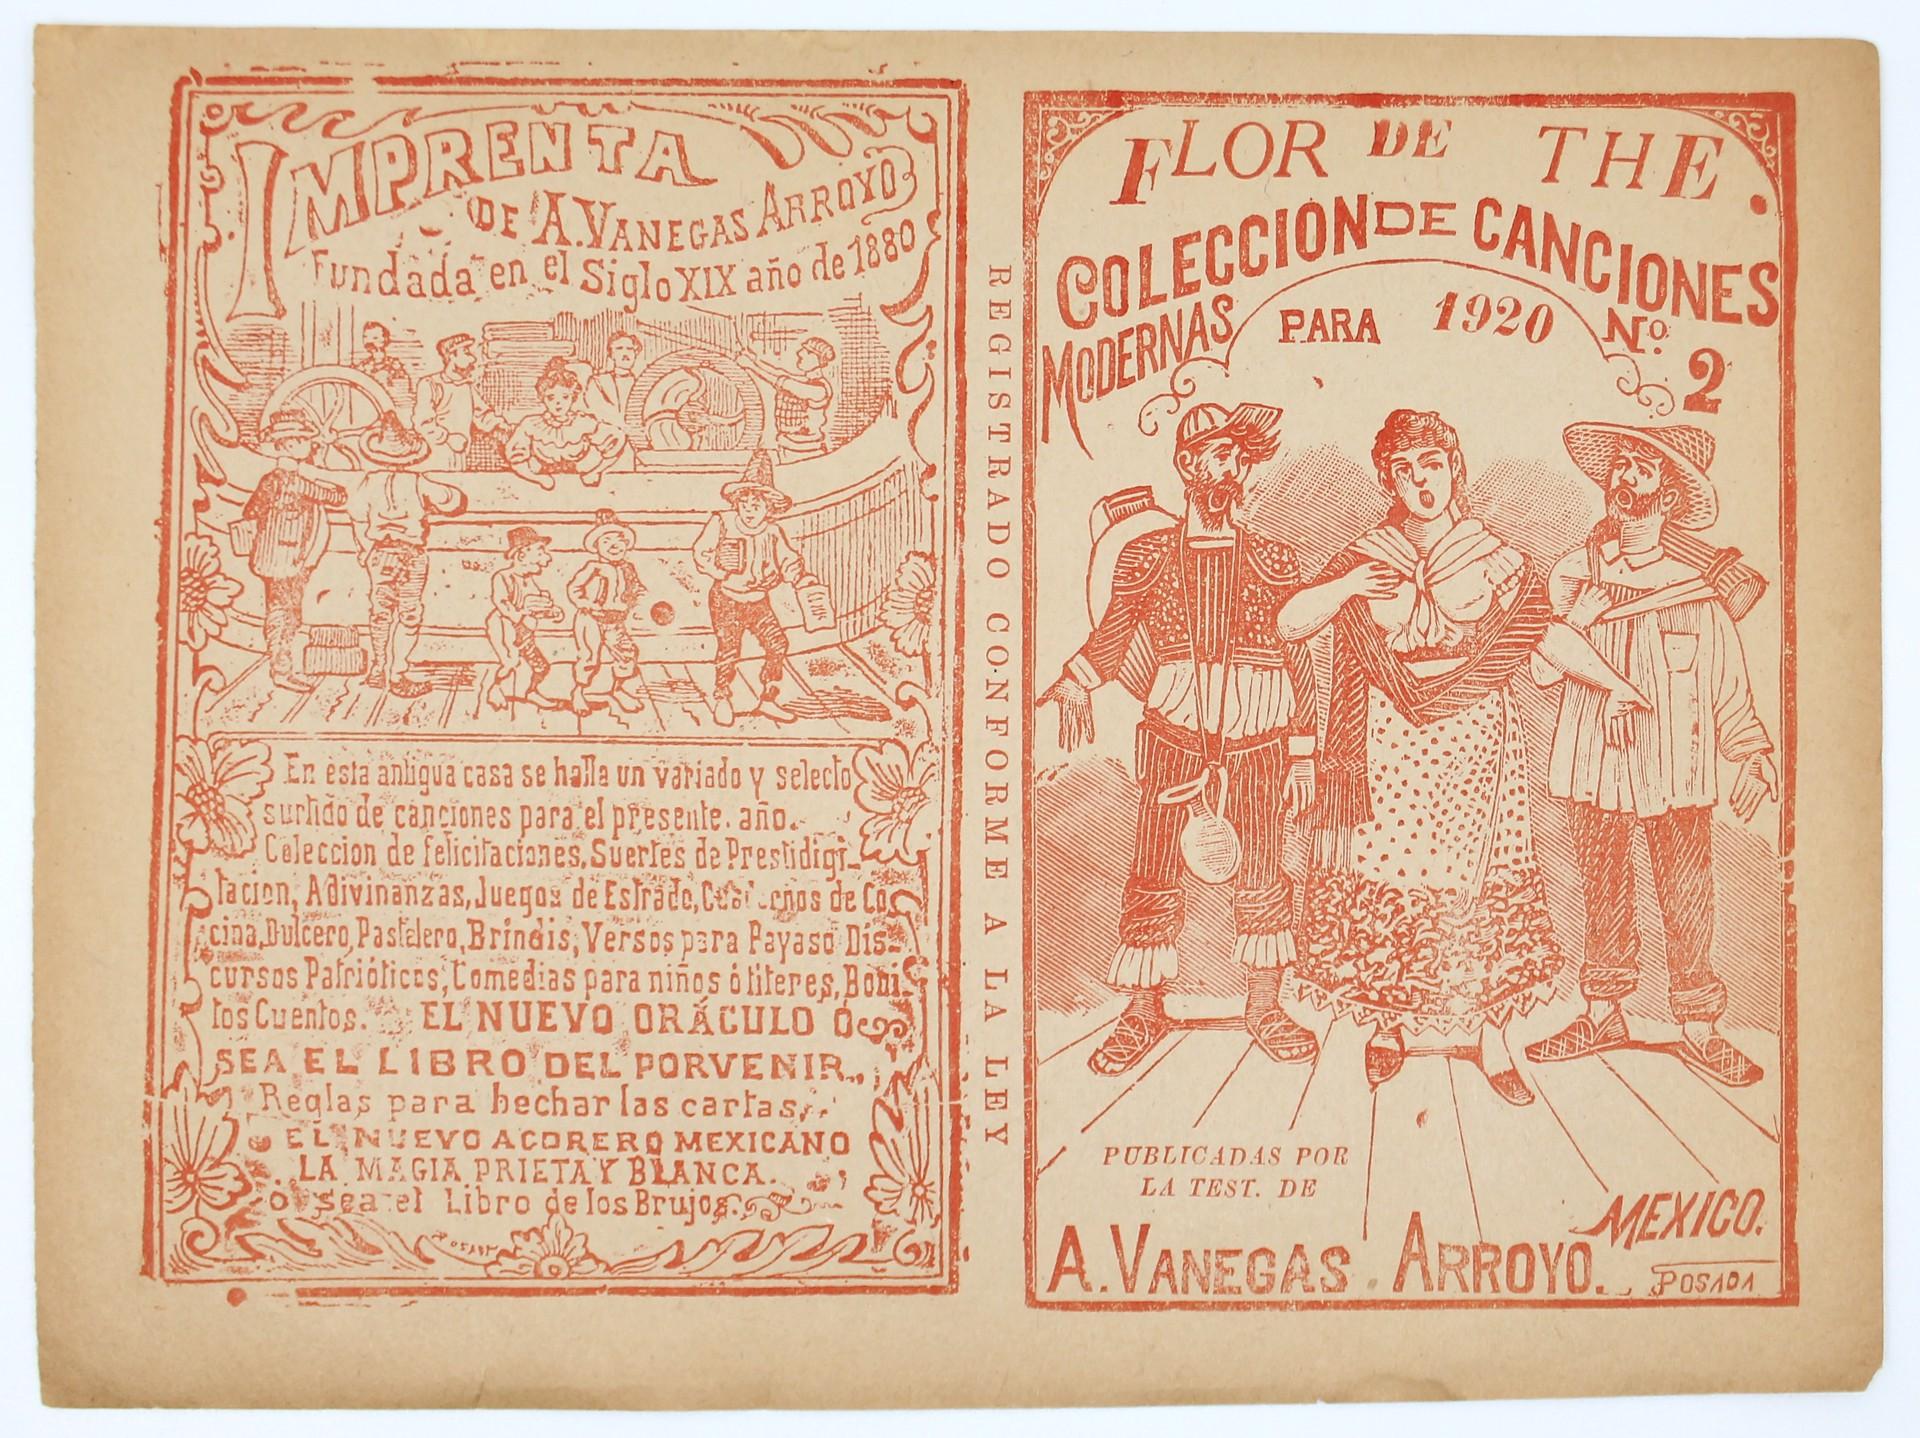 Flor de The. Colección de Canciones Modernas, No. 2 by José Guadalupe Posada (1852 - 1913)